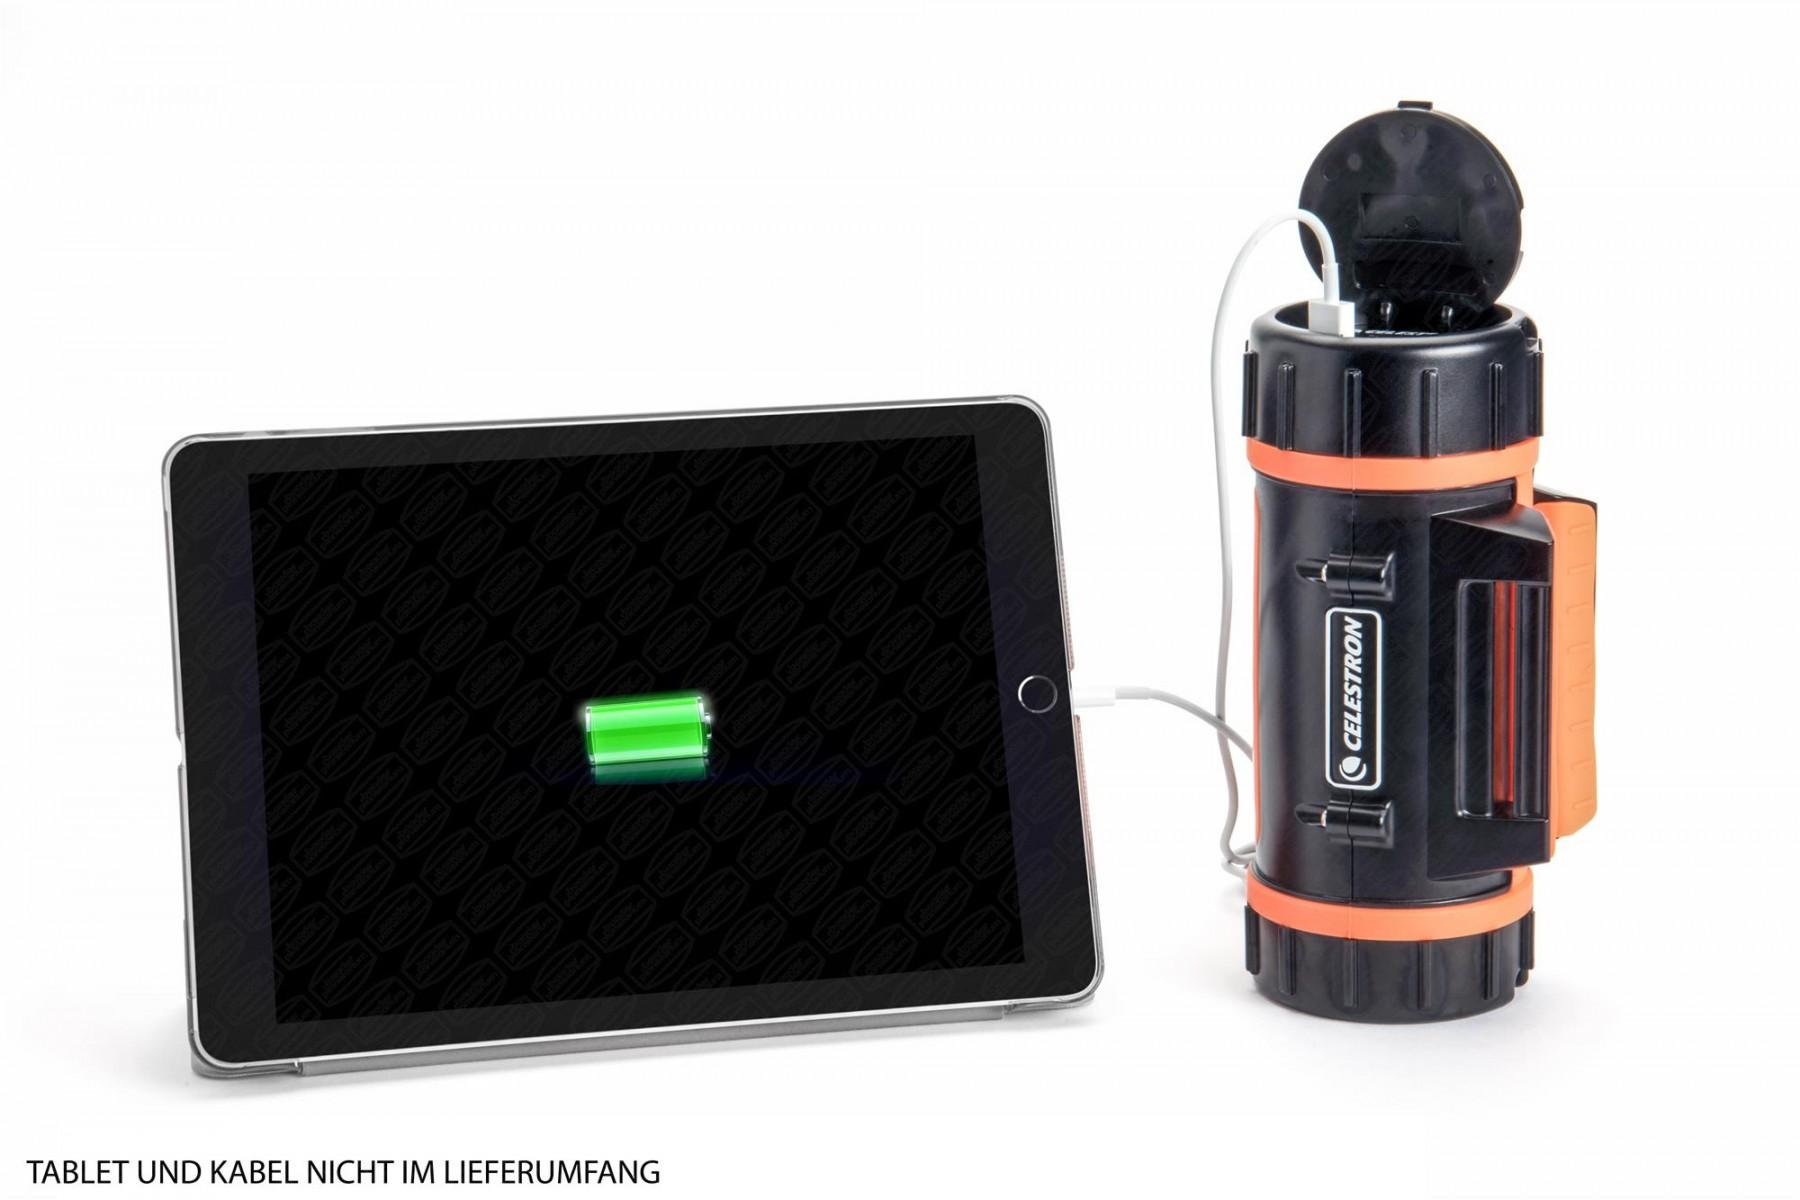 Anwendung: Tablet und Kabel nicht im Lieferumfang